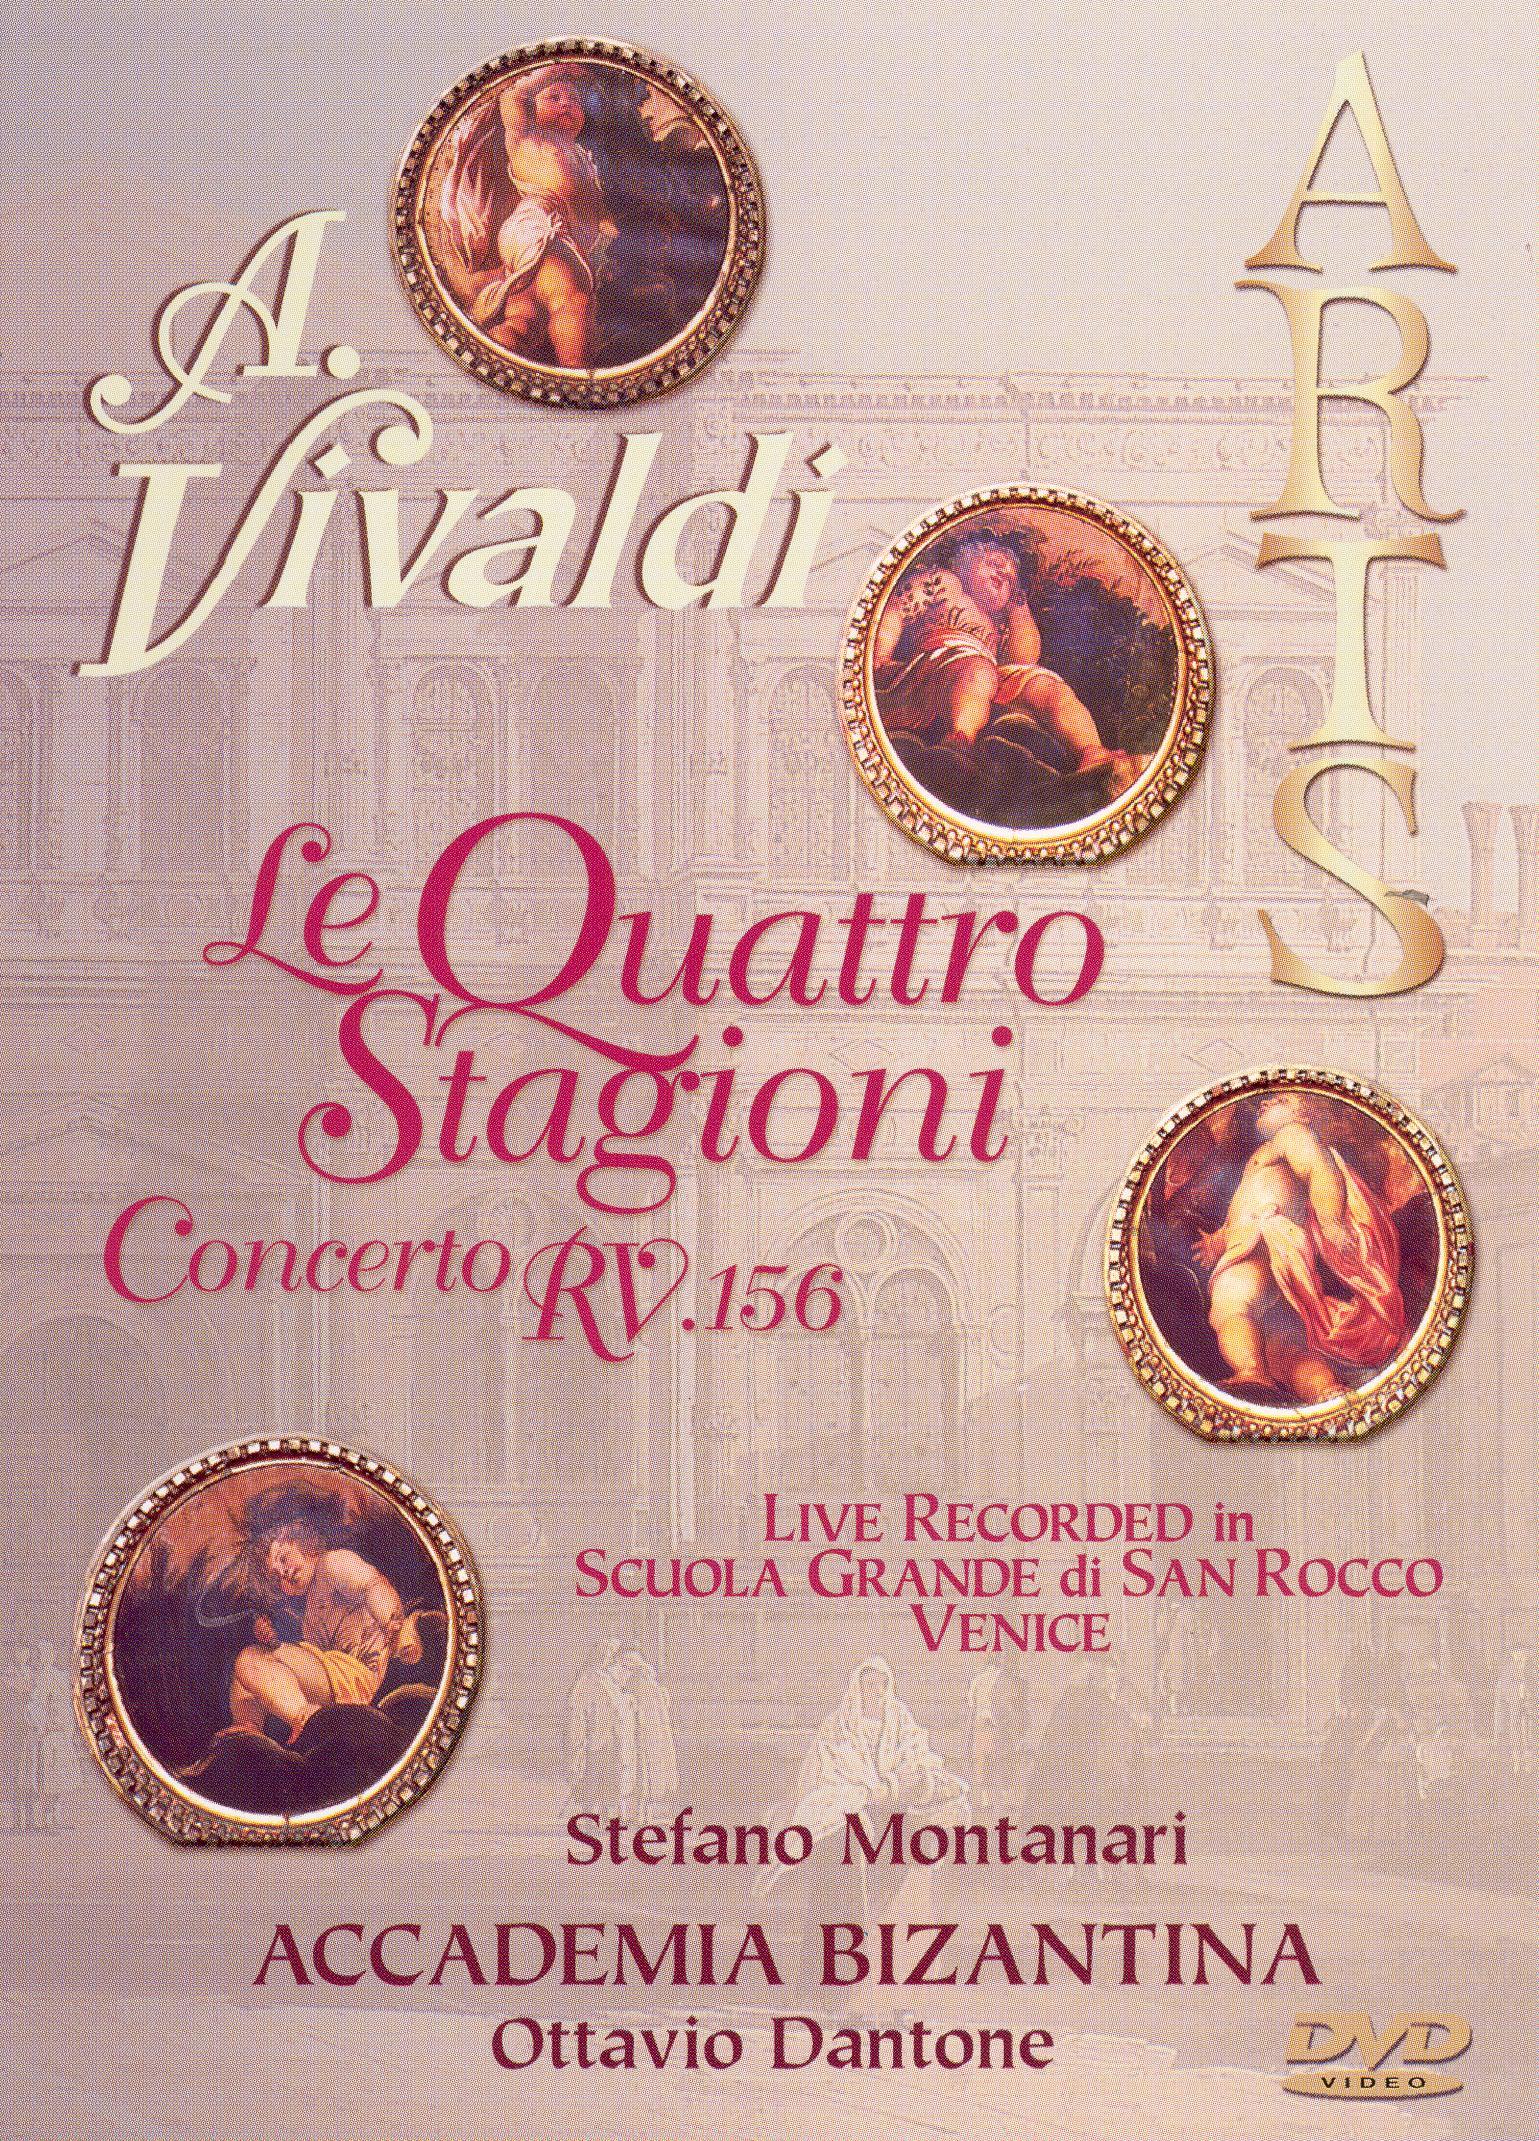 Vivaldi: Quattro Stagioni - Concerto RV 156